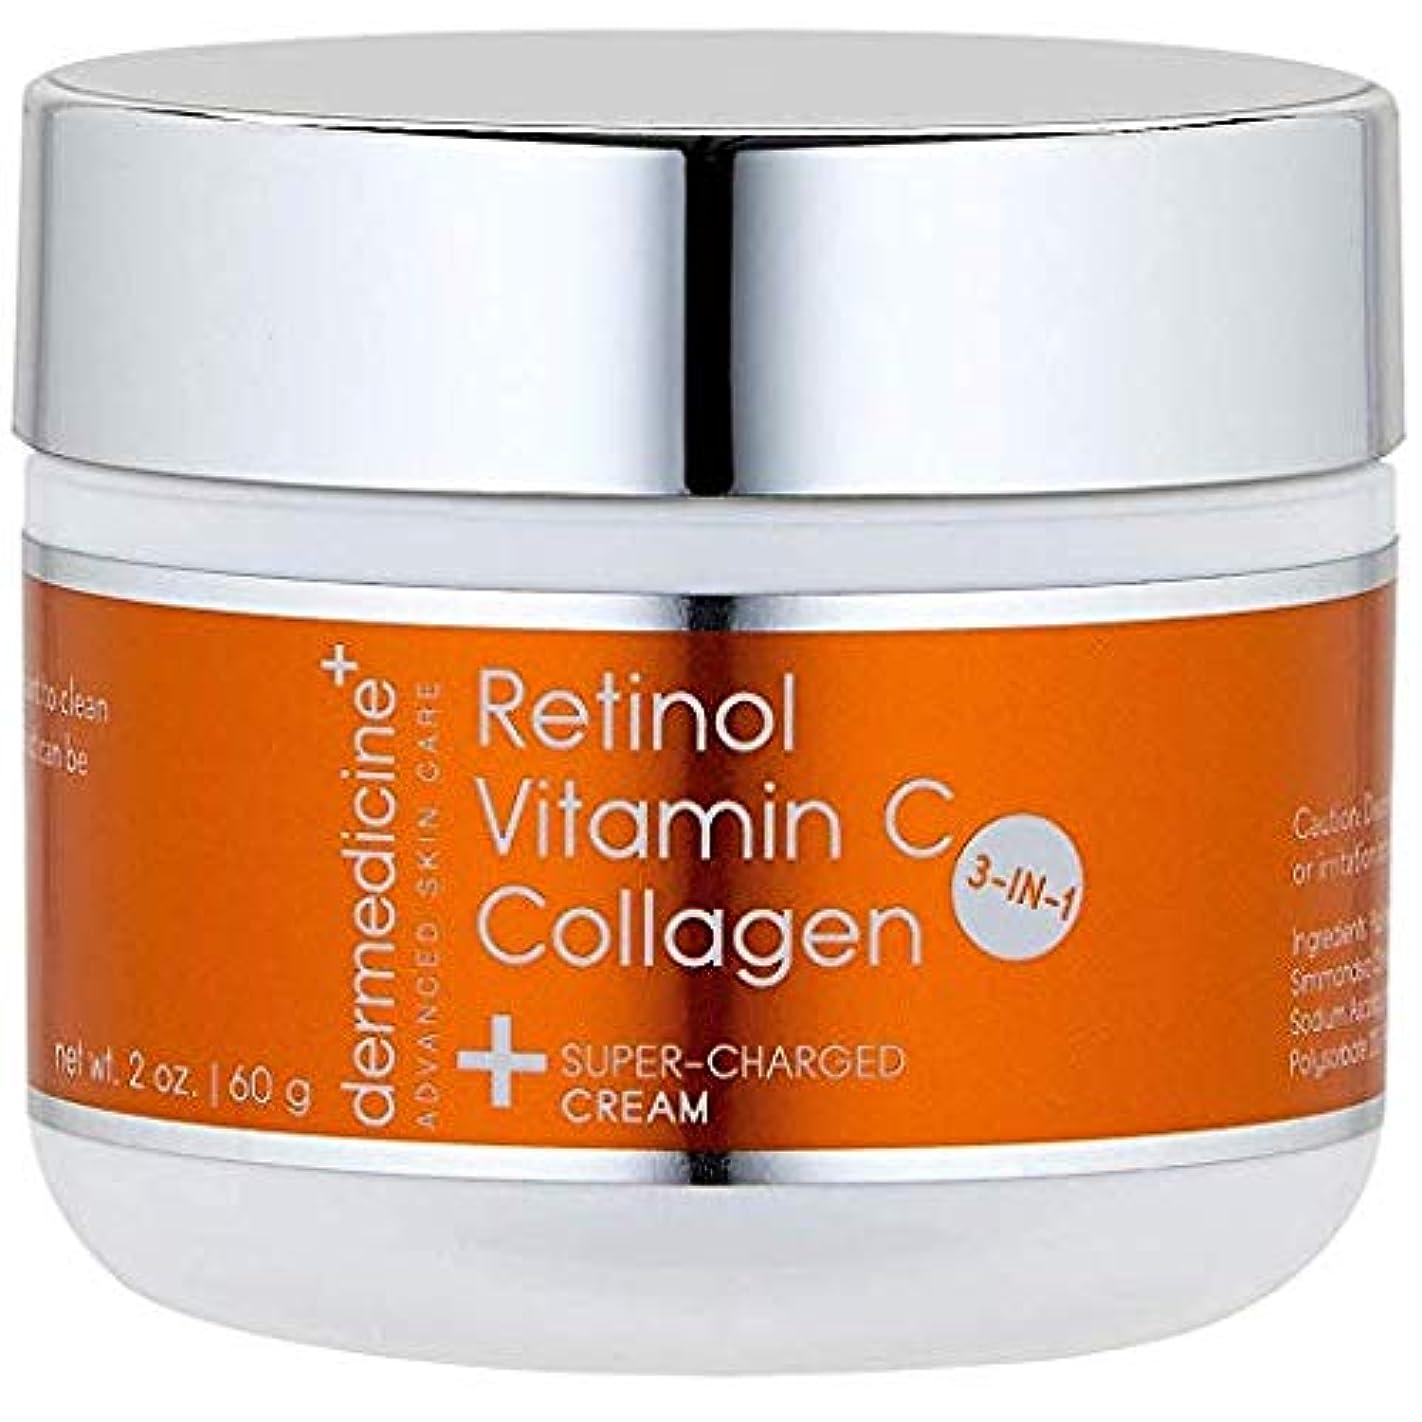 ベーシックメンタリティ最大化するプレミアム エイジングケアクリーム【3IN1】 コラーゲン+レチノール+ビタミンC配合 60g シミ取り&シワ取り ほうれい線を取り、顔のリフトアップも(若々しい弾力のある肌へ)